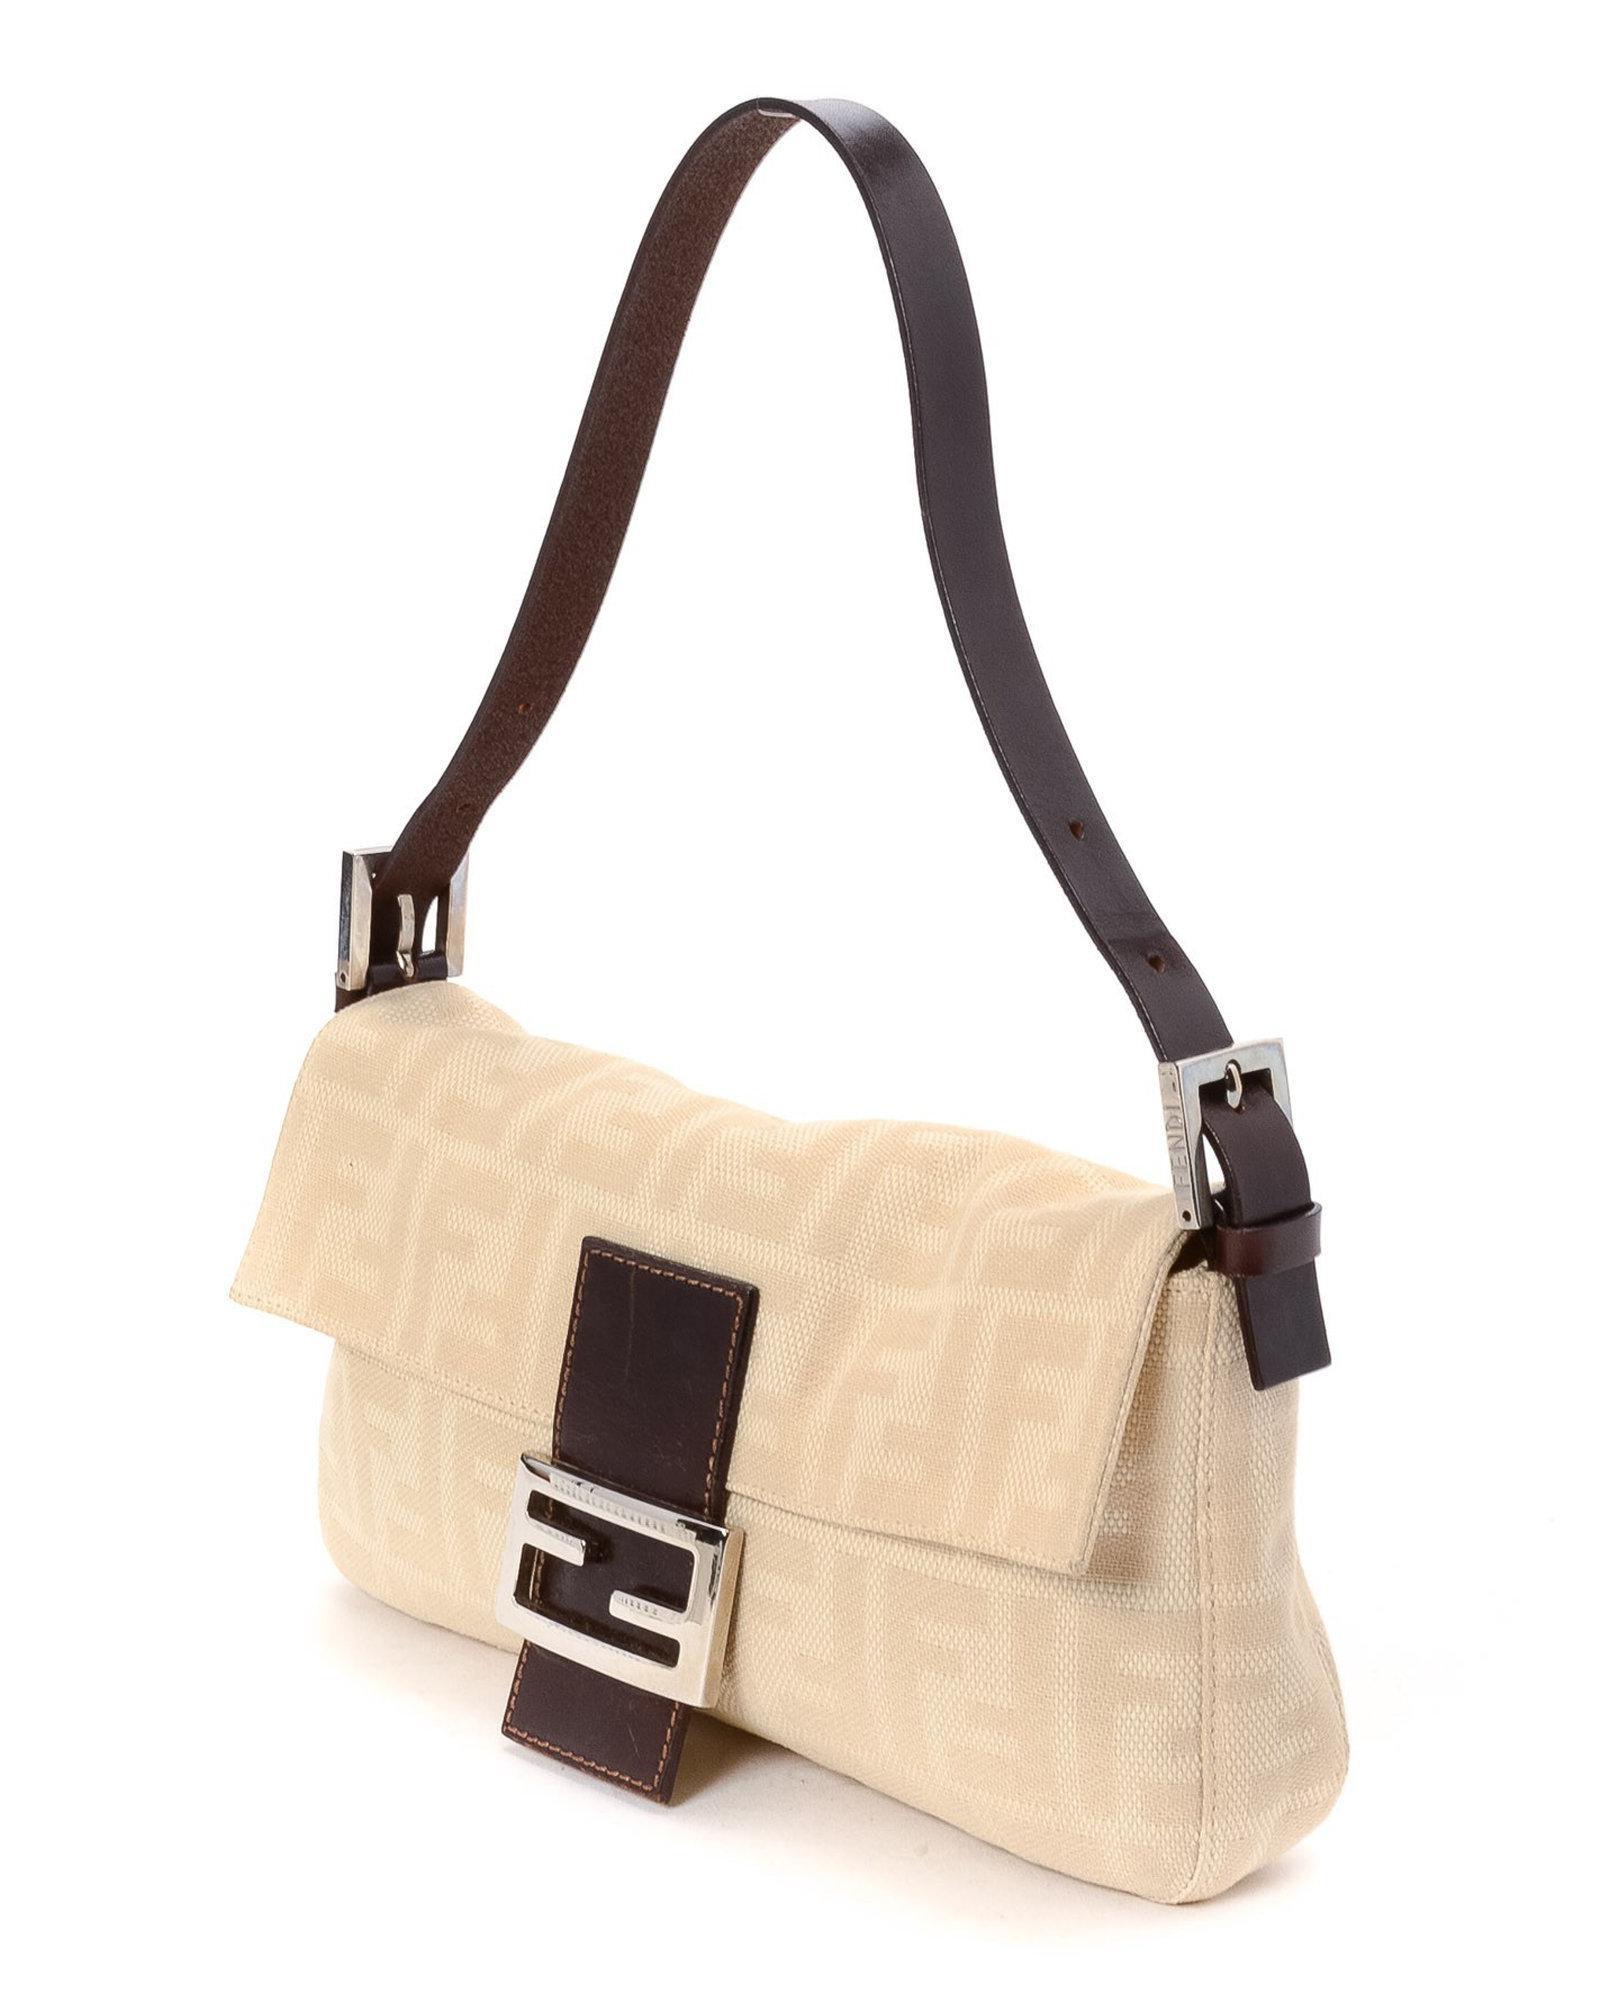 ab186f3d6a Lyst - Fendi Zucca Baguette Bag - Vintage in Natural